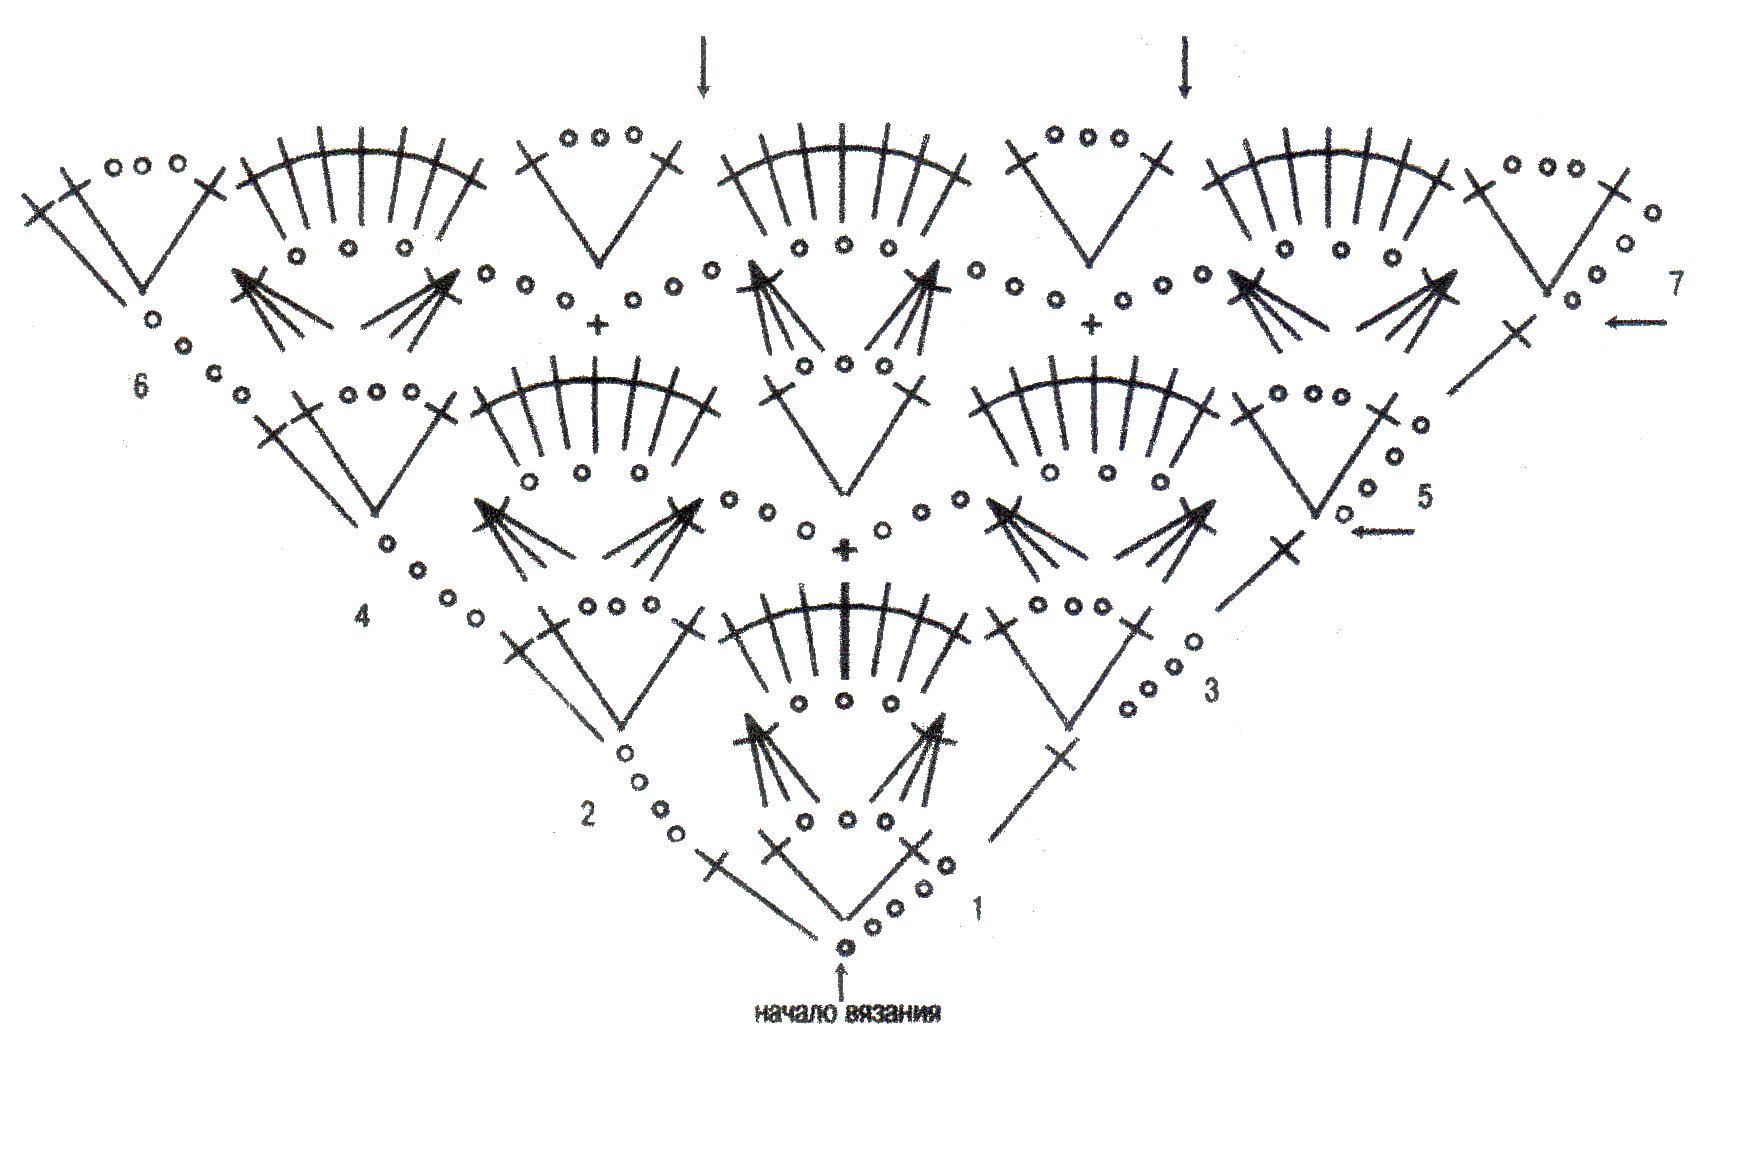 Рубрики и метки Вязание для женщин. шаль крючком схема. и изысканные модели и схемы к ... Треугольная шаль спицами .